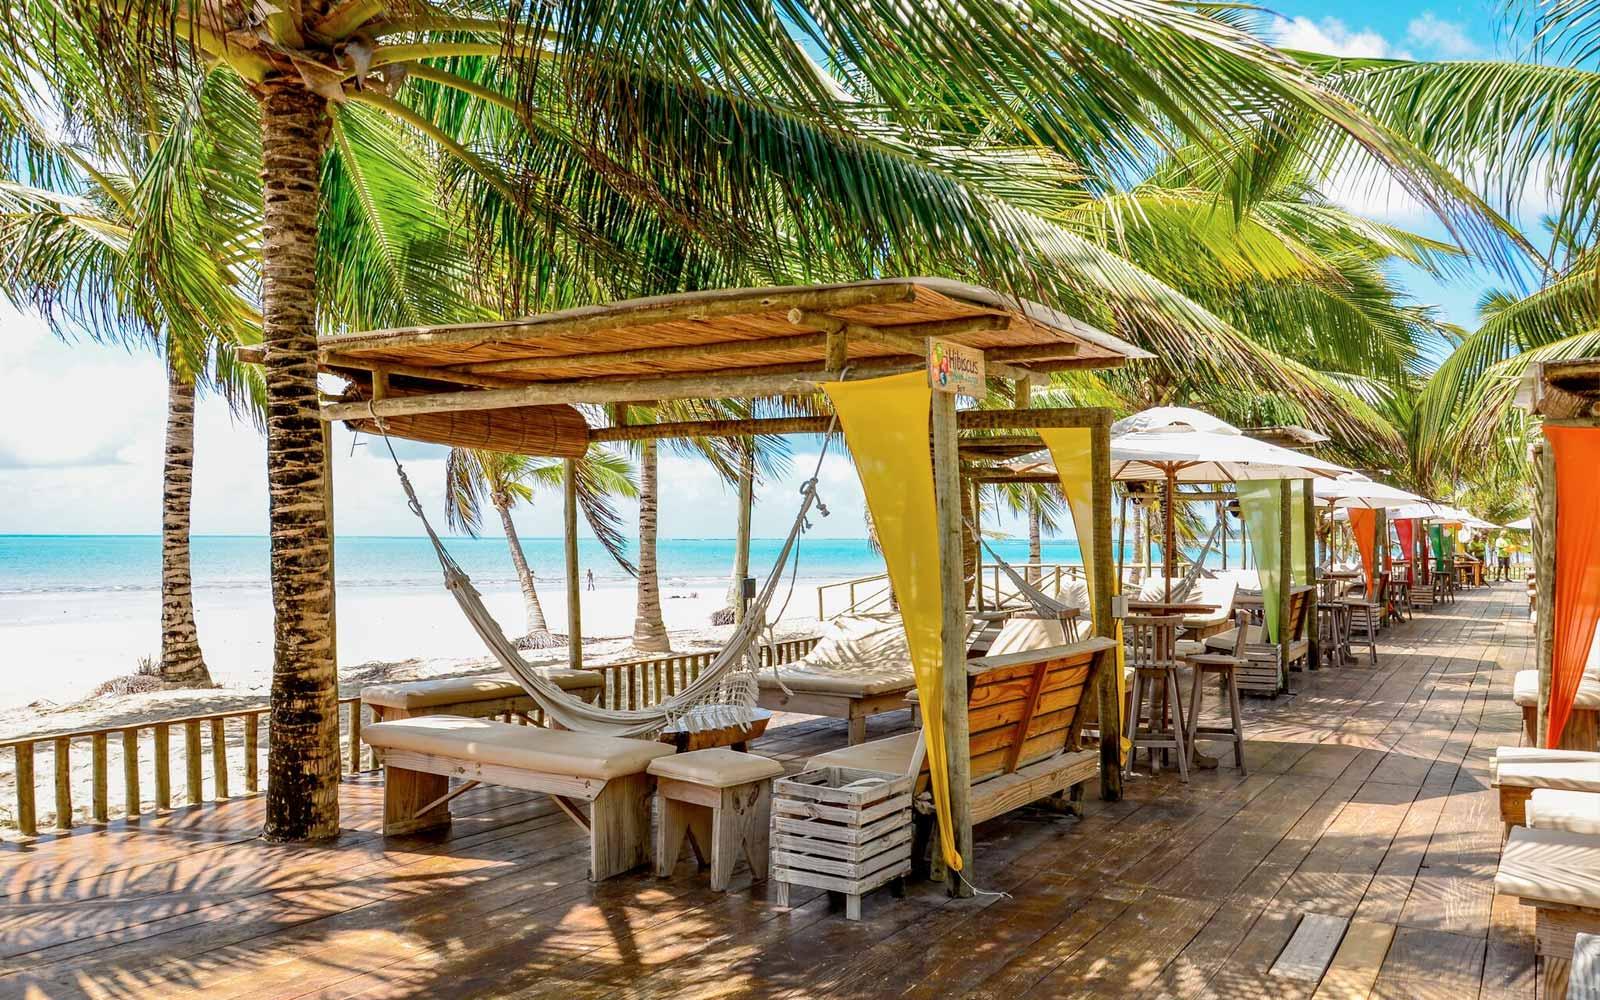 Melhores praias em Maceió: Hibiscus Beach Club